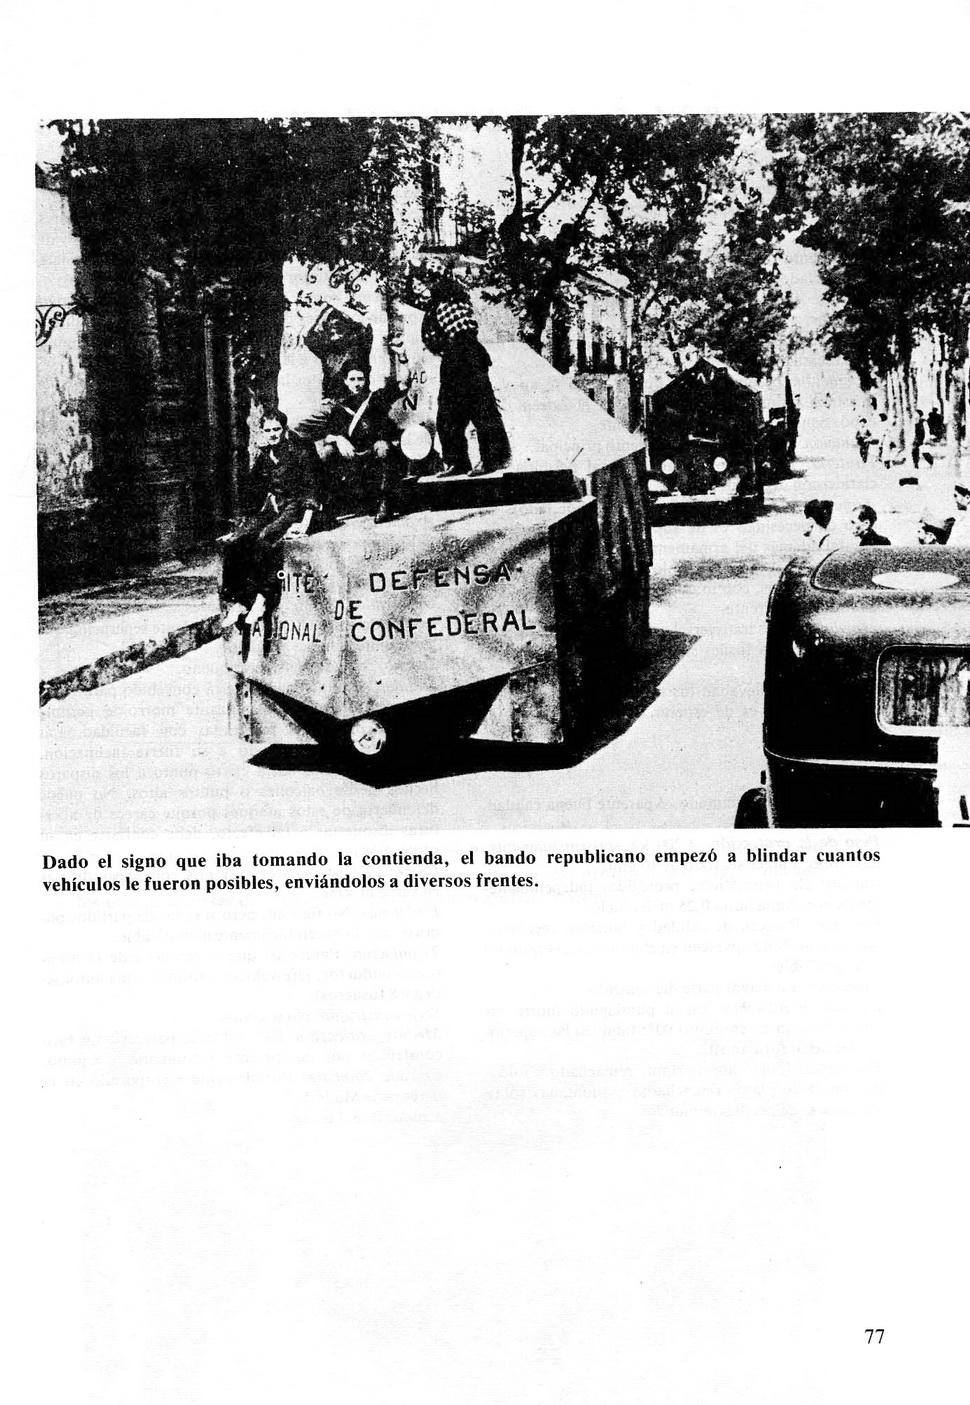 Carros De Combate Y Vehiculos Blindados De La Guerra 1936 1939 [F.C.Albert 1980]_Страница_075.jpg